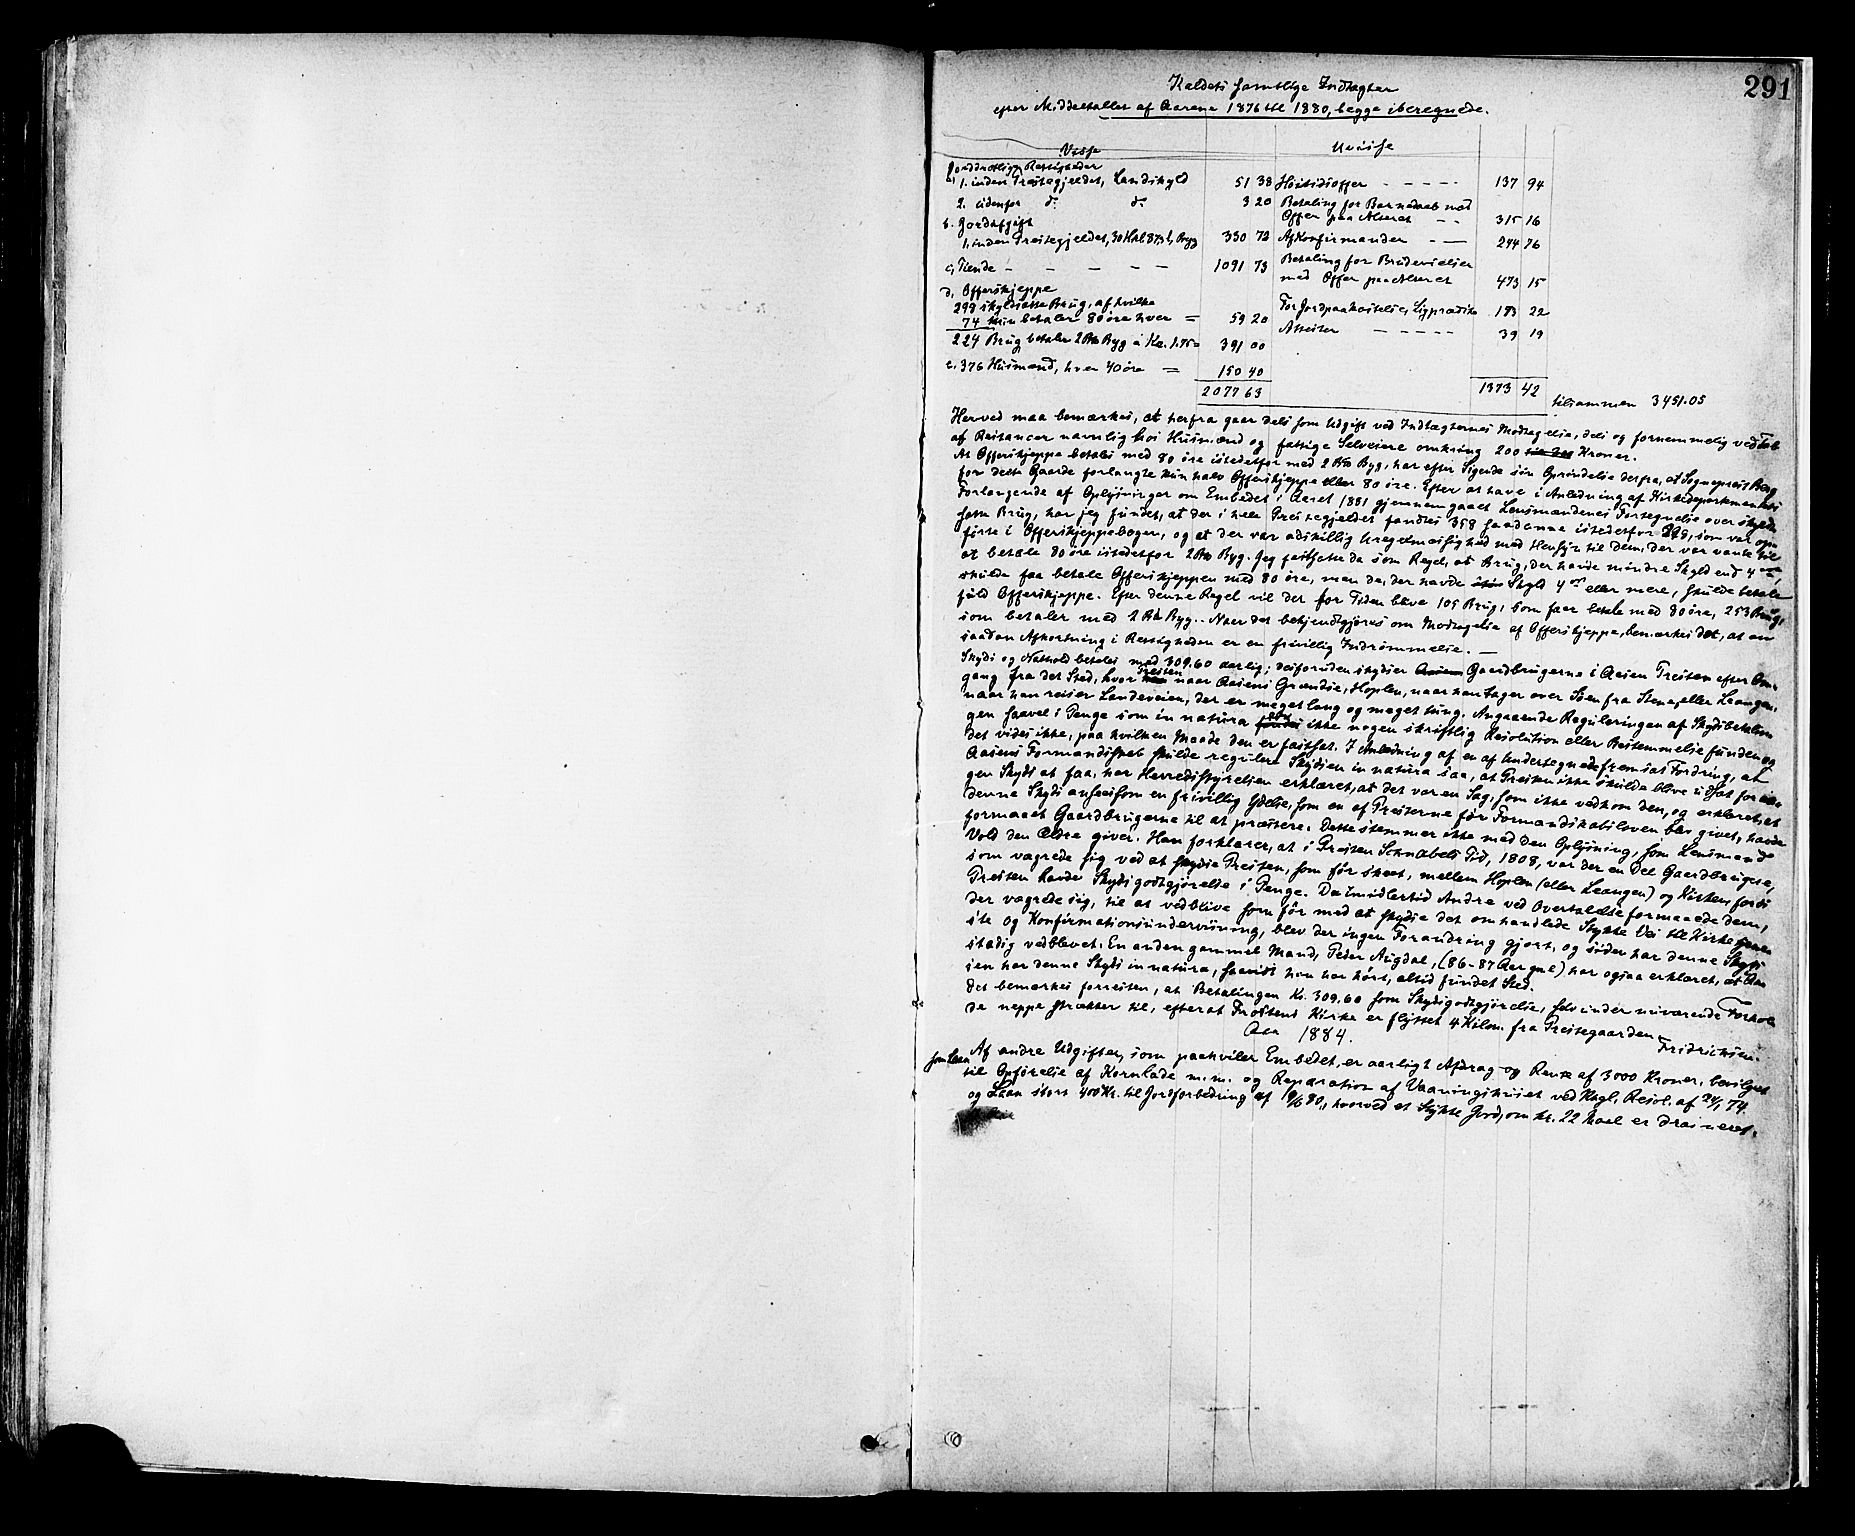 SAT, Ministerialprotokoller, klokkerbøker og fødselsregistre - Nord-Trøndelag, 713/L0120: Ministerialbok nr. 713A09, 1878-1887, s. 291